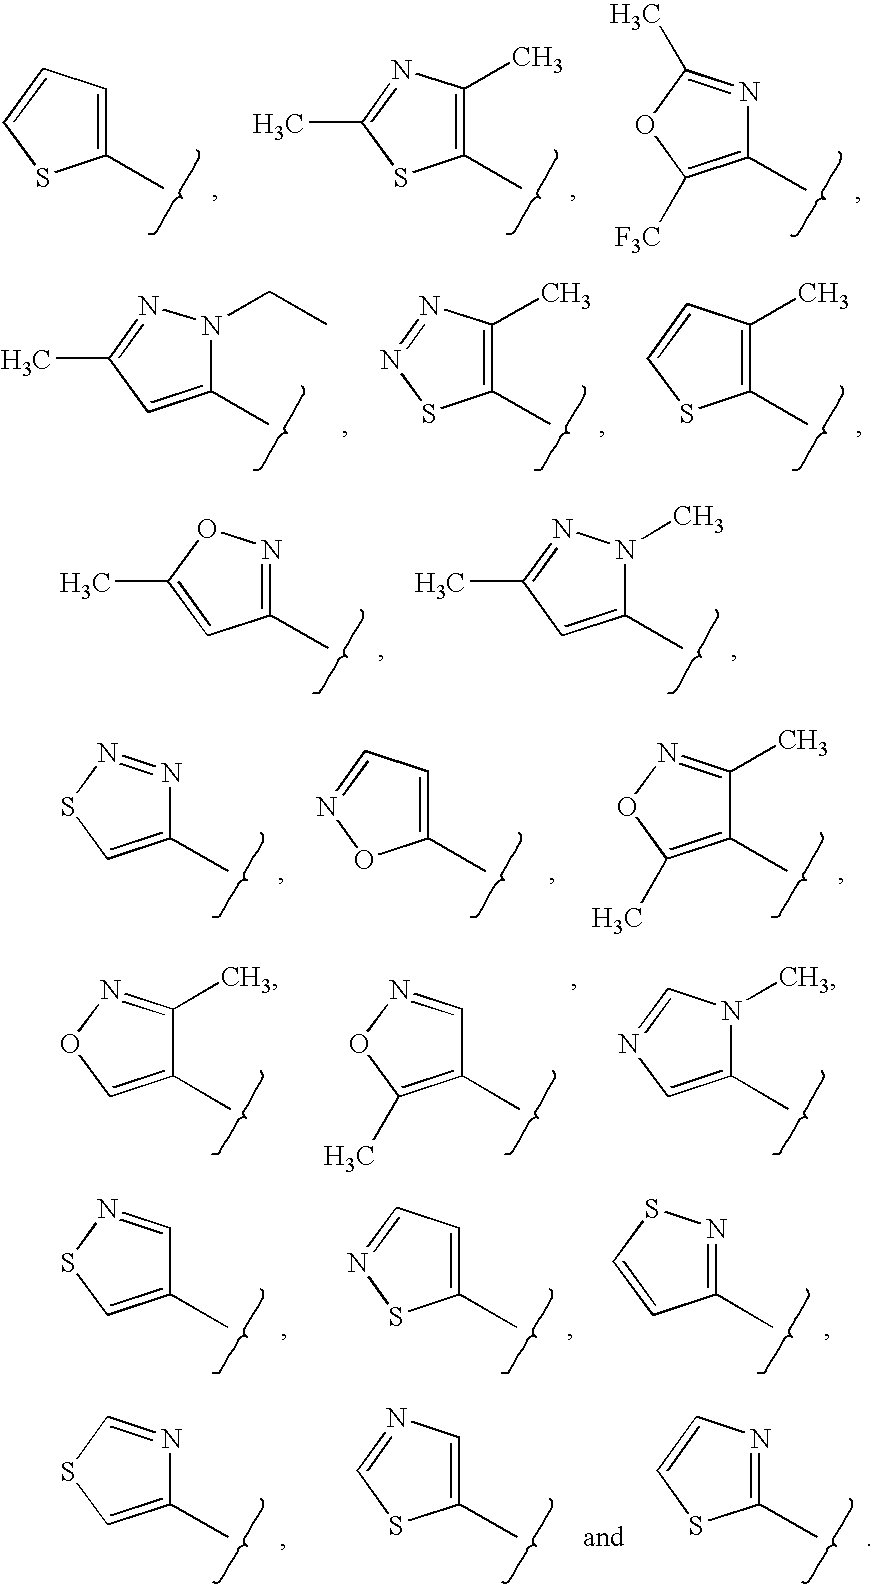 Figure US20070249661A1-20071025-C00030